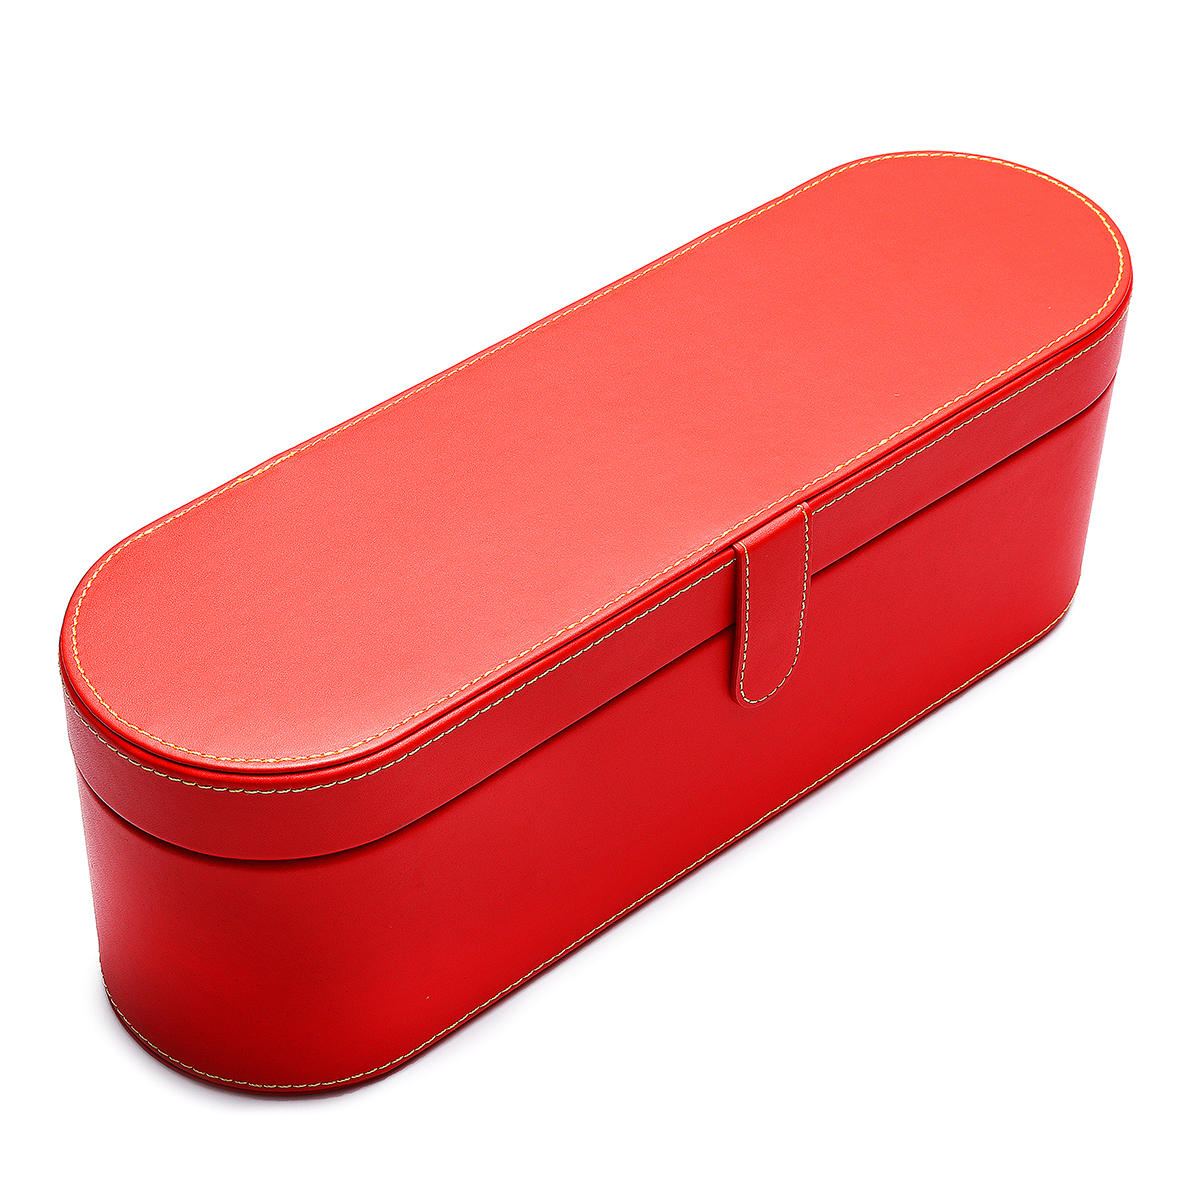 डीआईओएन एचडी 01 सुपरसोनिक हेयर ड्रायर के लिए पु चमड़ा फैशन कैरी स्टोरेज केस बॉक्स